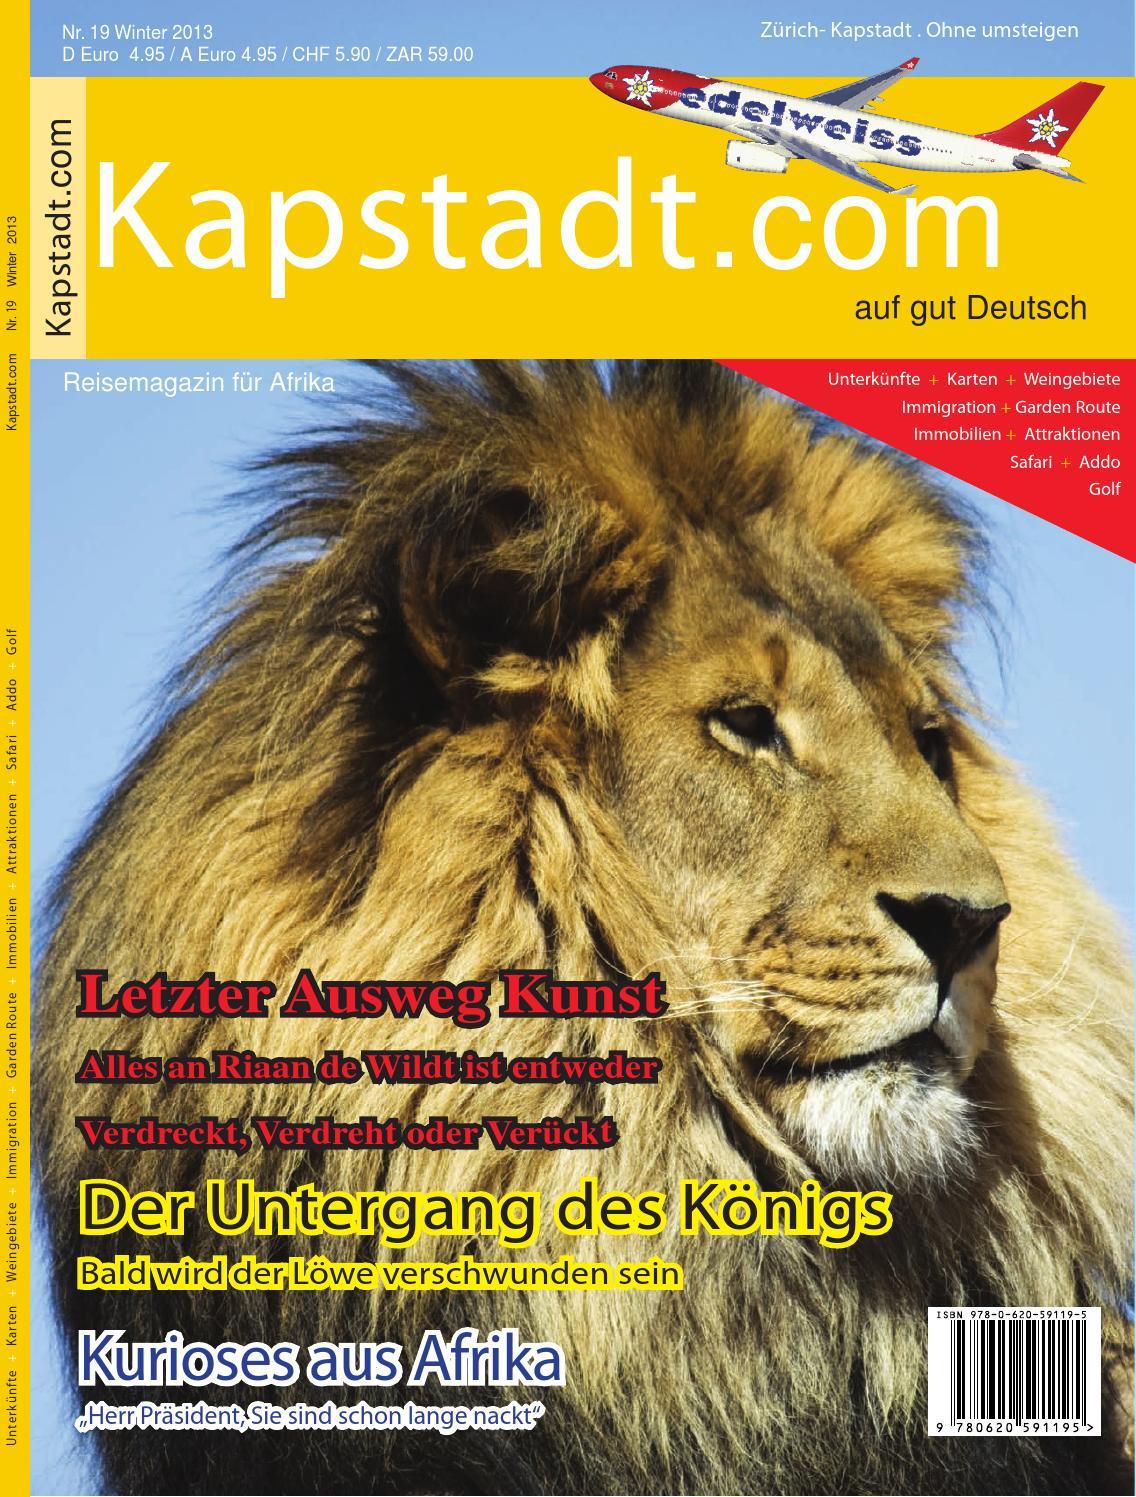 kapstadt auf gut deutsch 19 by kapstadt com issuu